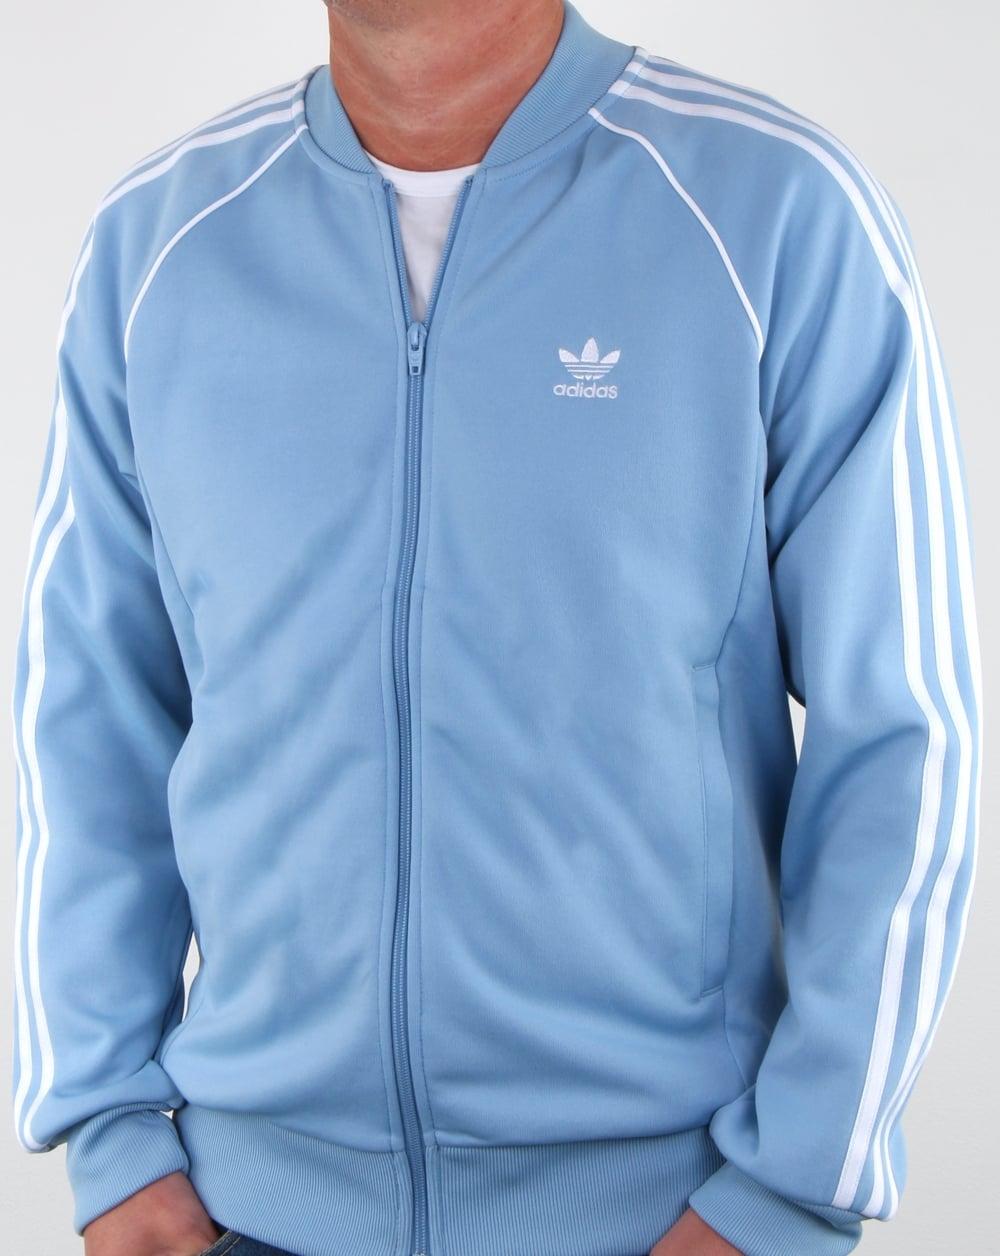 1443819e81a937 Adidas Originals Superstar Track Top sky, jacket, tracksuit